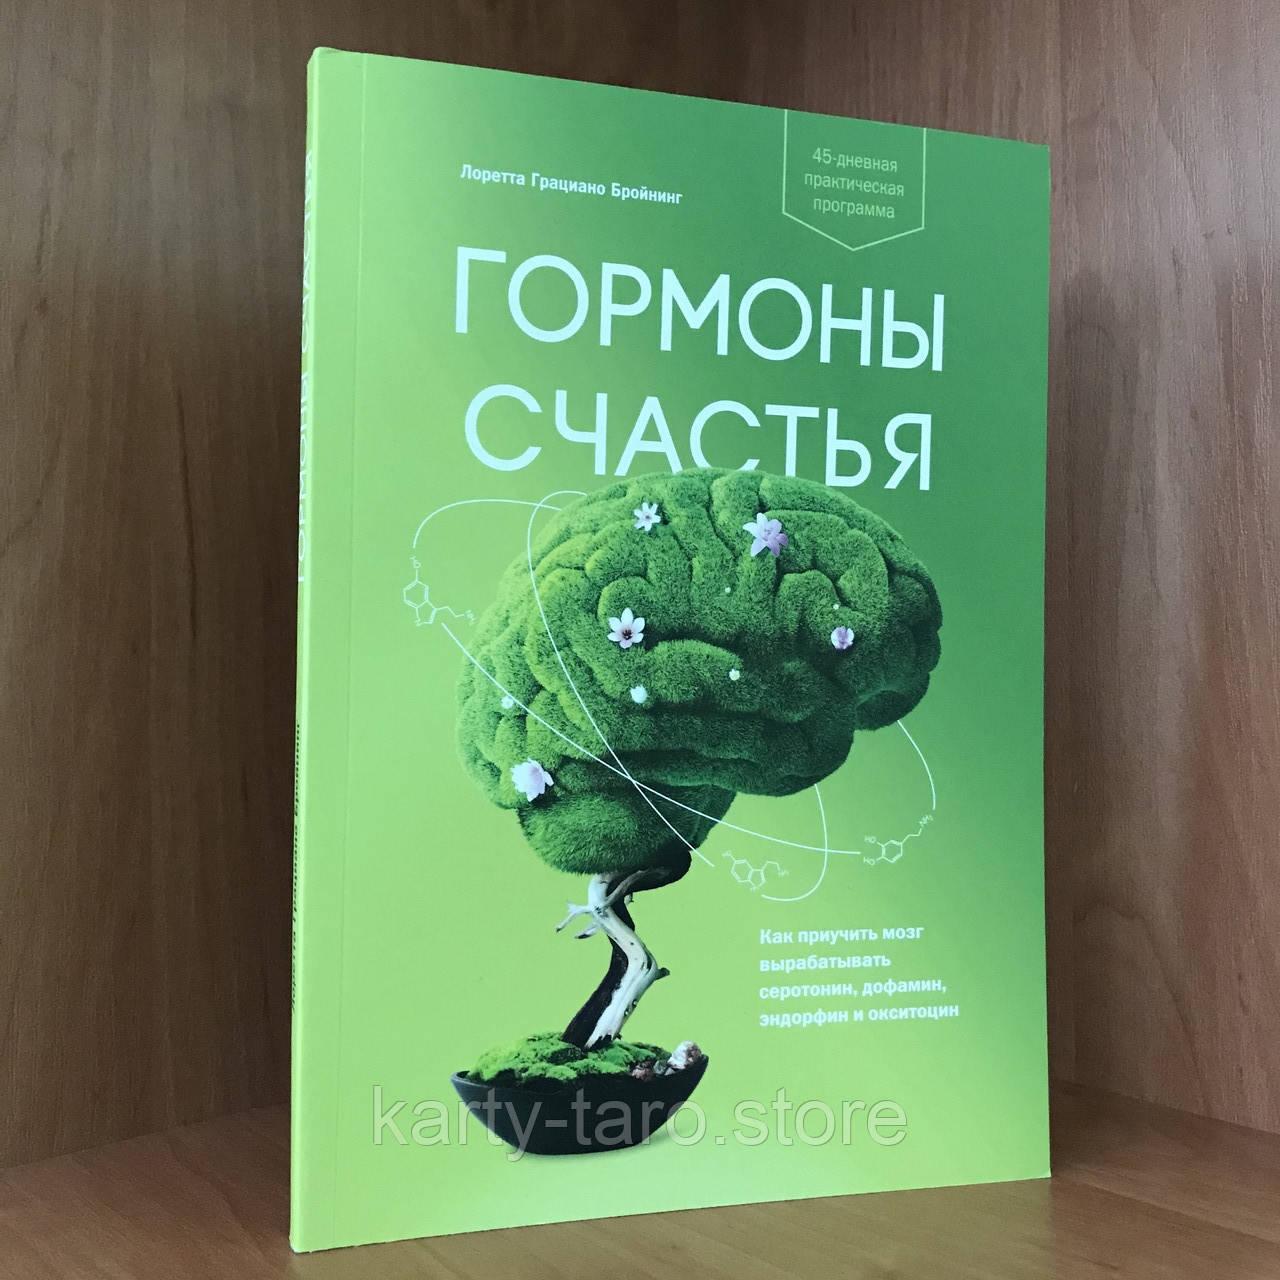 Книга Гормоны счастья. Как приучить мозг вырабатывать серотонин, дофамин, эндорфин и окситоцин - Бройнинг